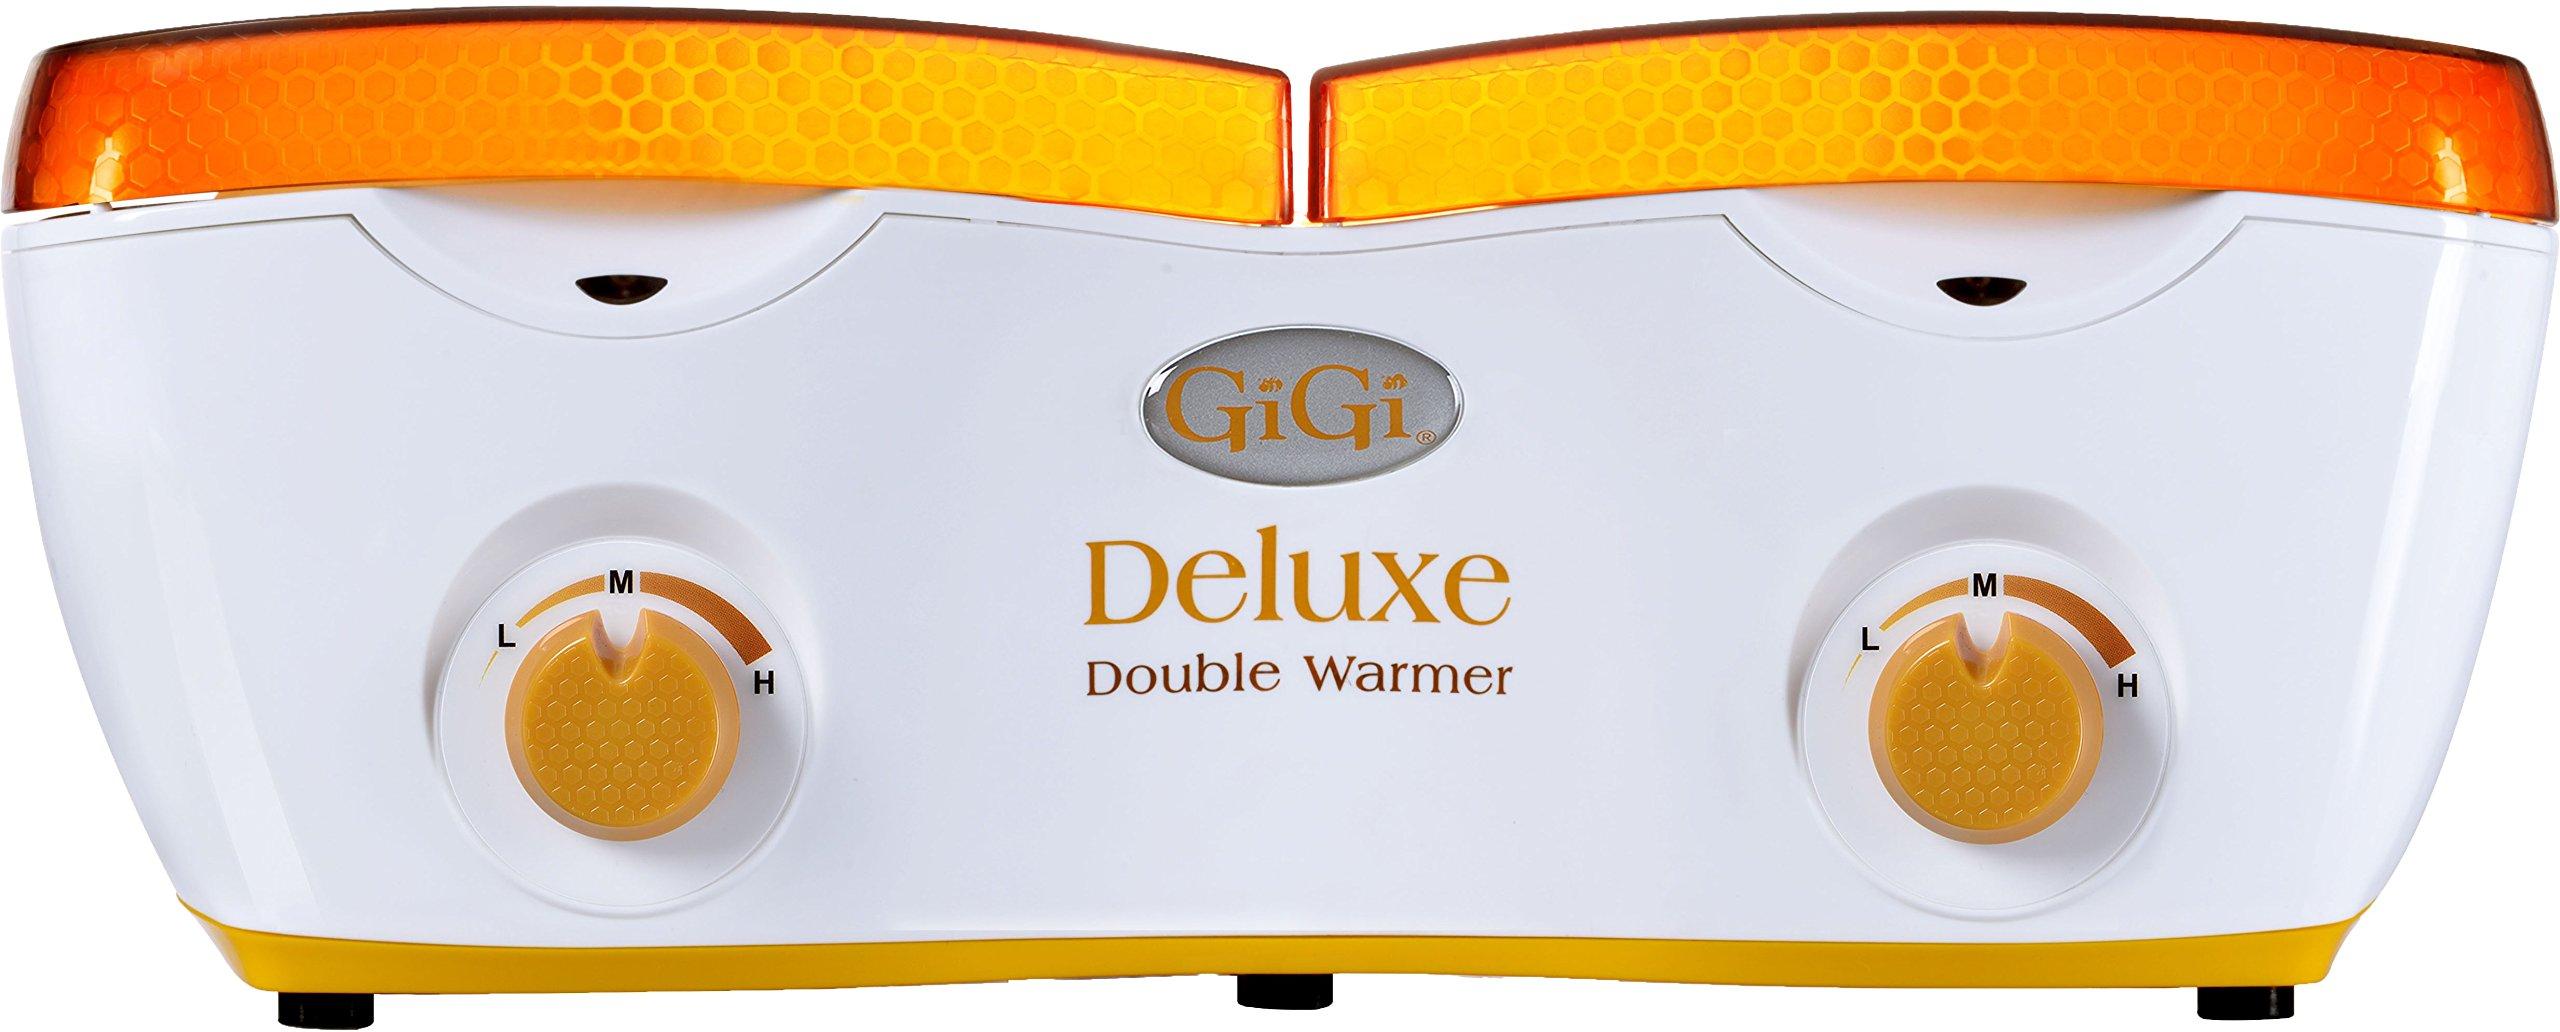 Gigi Deluxe Double Warmer, 14 Ounce